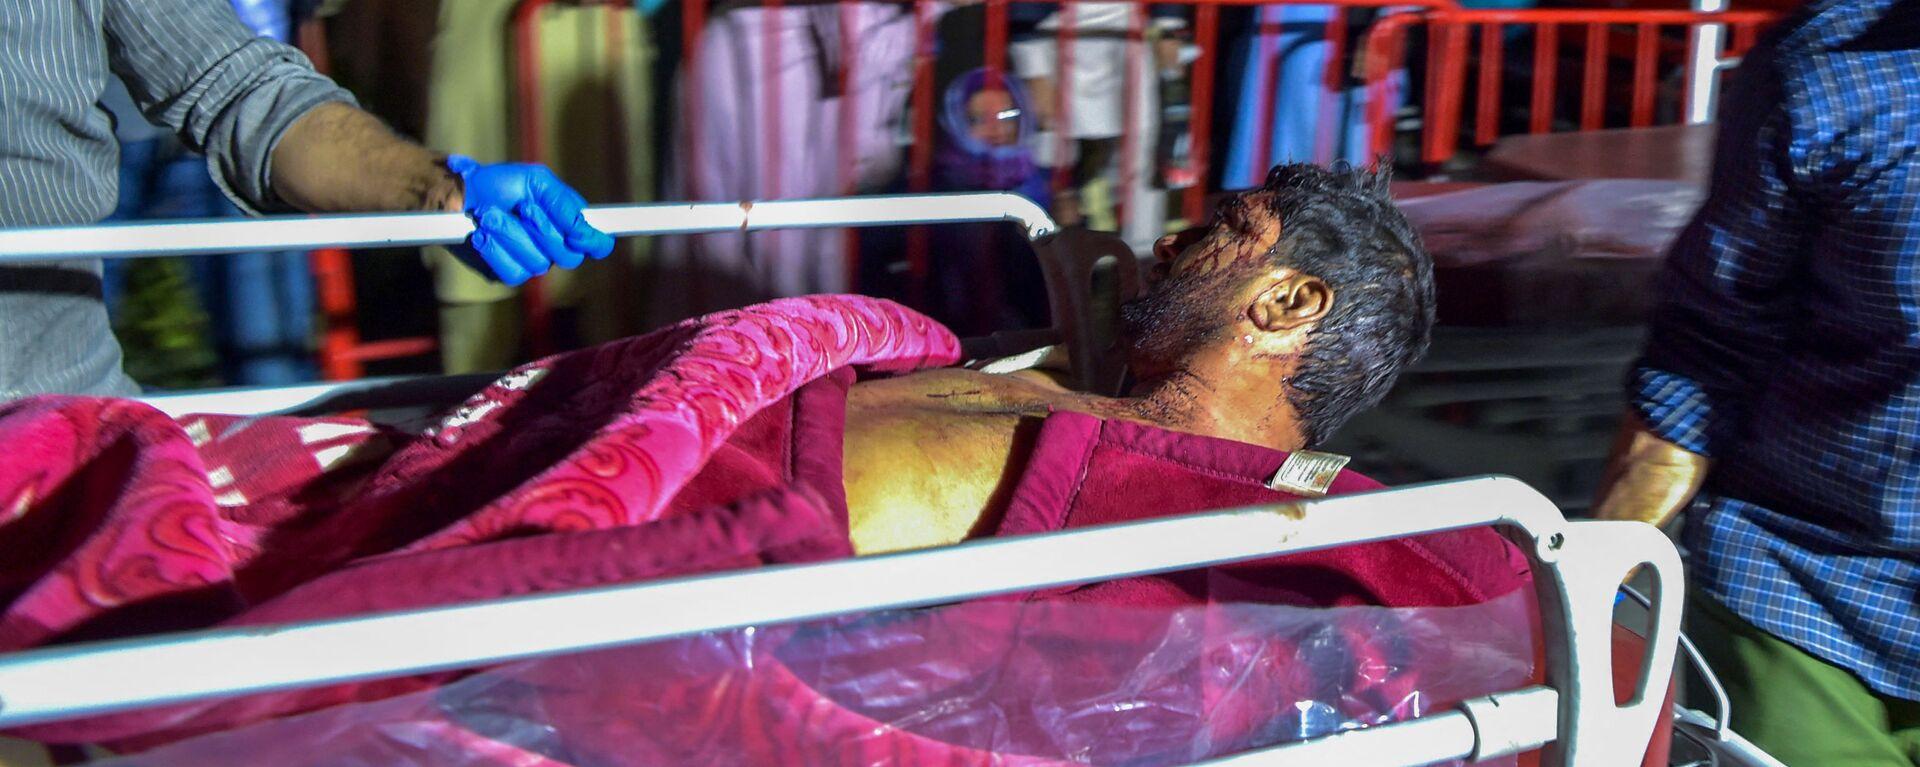 Медики помогают пострадавшим от двух мощных взрывов, произошедших в Кабуле - Sputnik Тоҷикистон, 1920, 04.09.2021